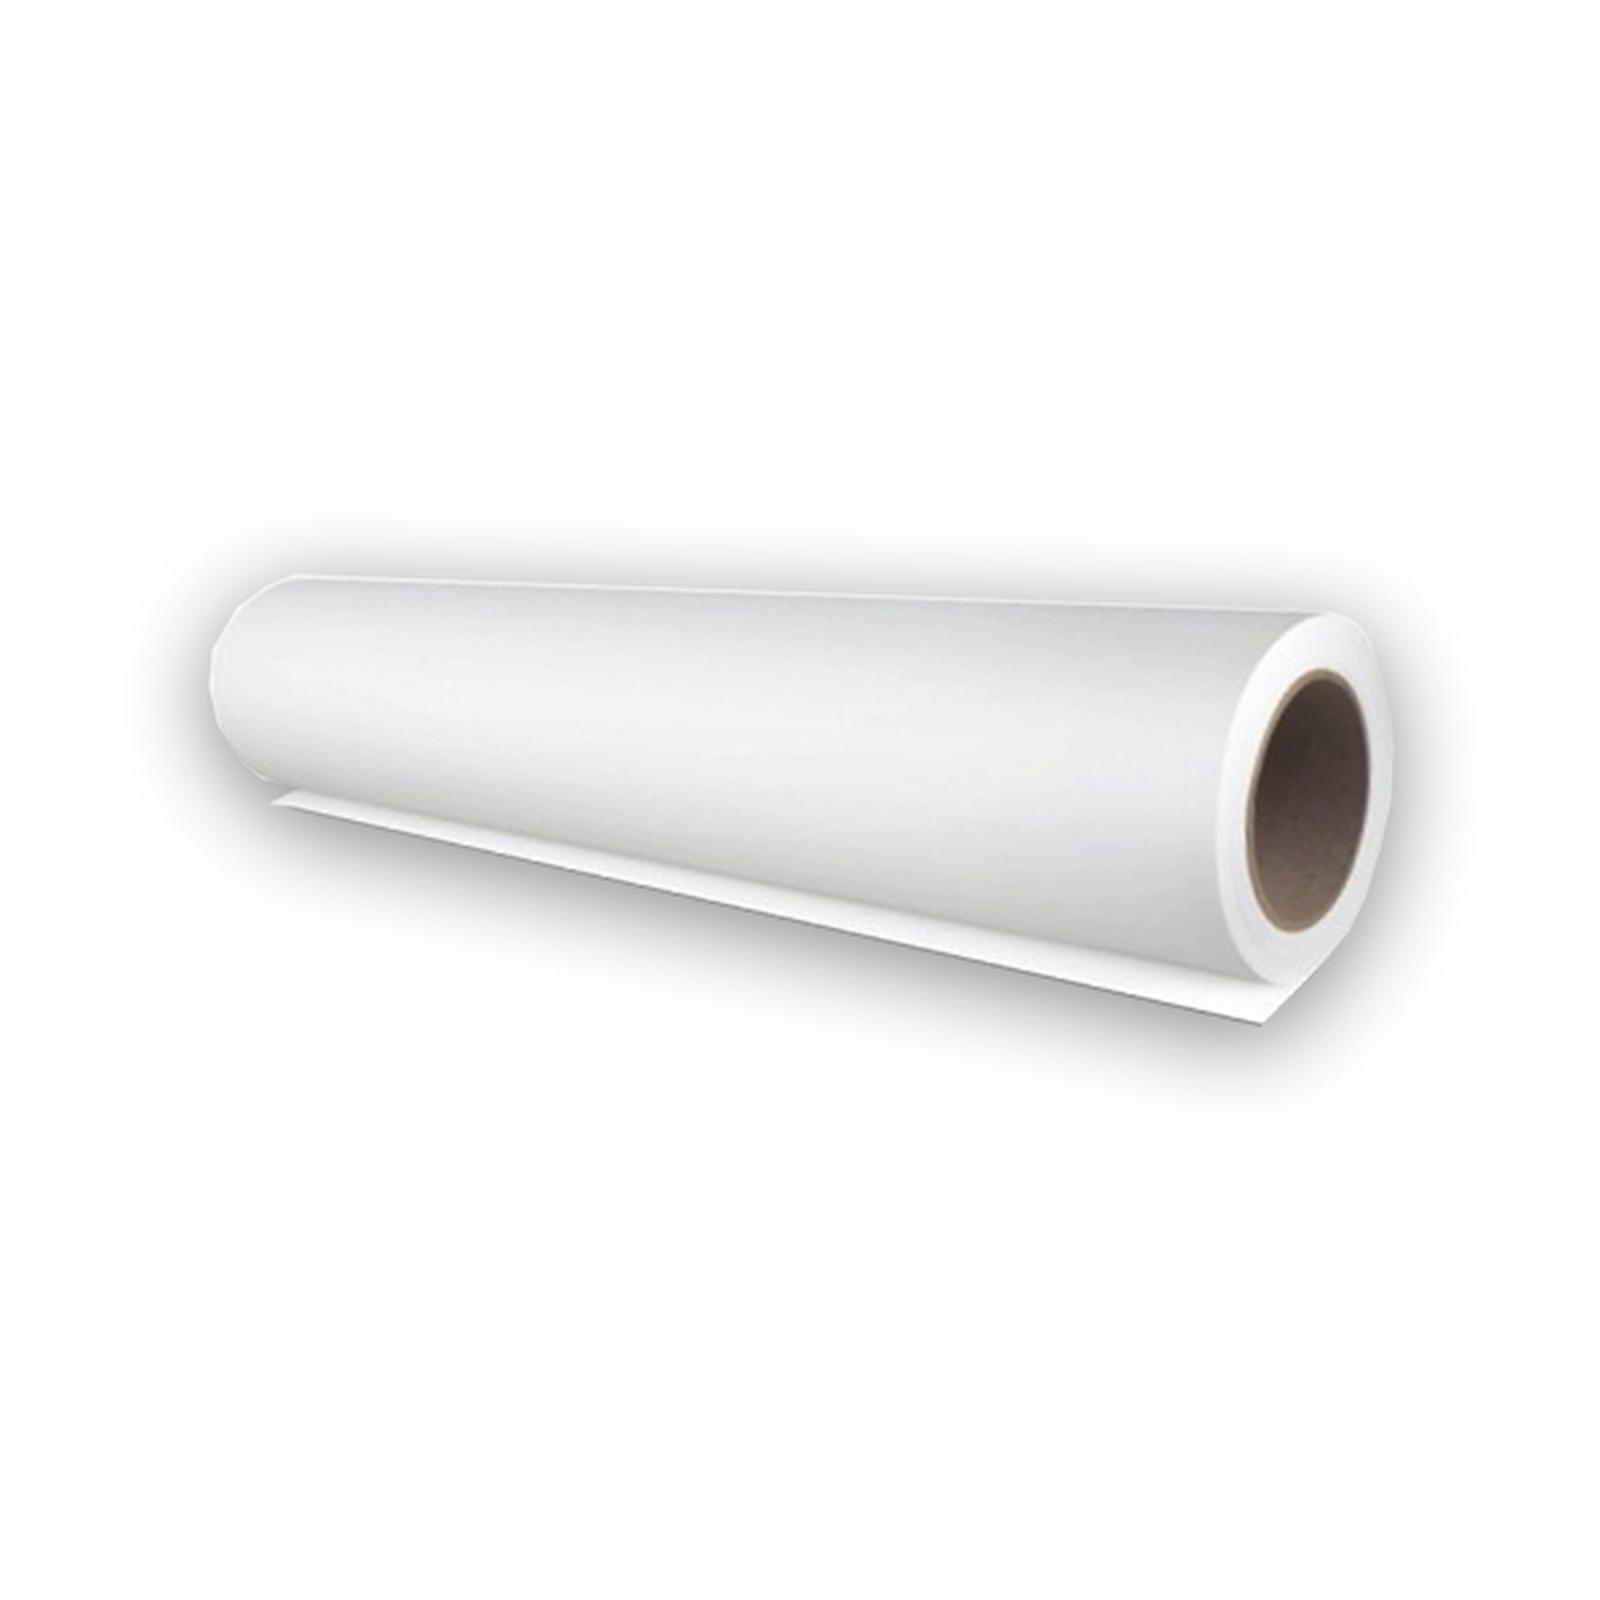 Vinil Adesivo PROMOCIONAL - Fosco - 1,27m